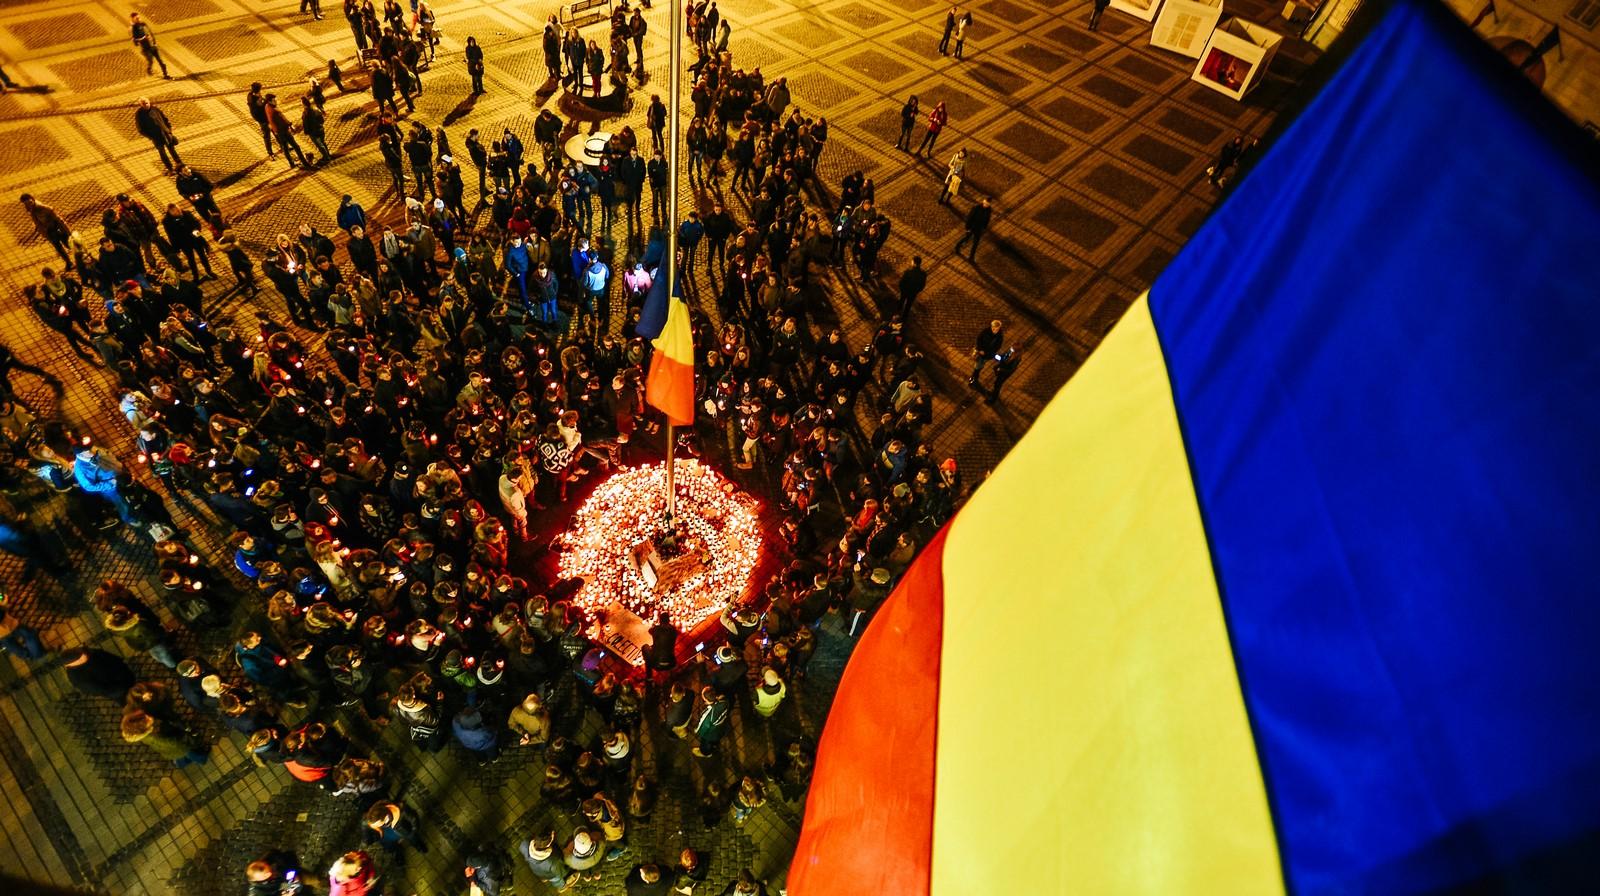 Marș al tăcerii: peste 1.000 de sibieni comemorează tinerii de la Colectiv / foto-video